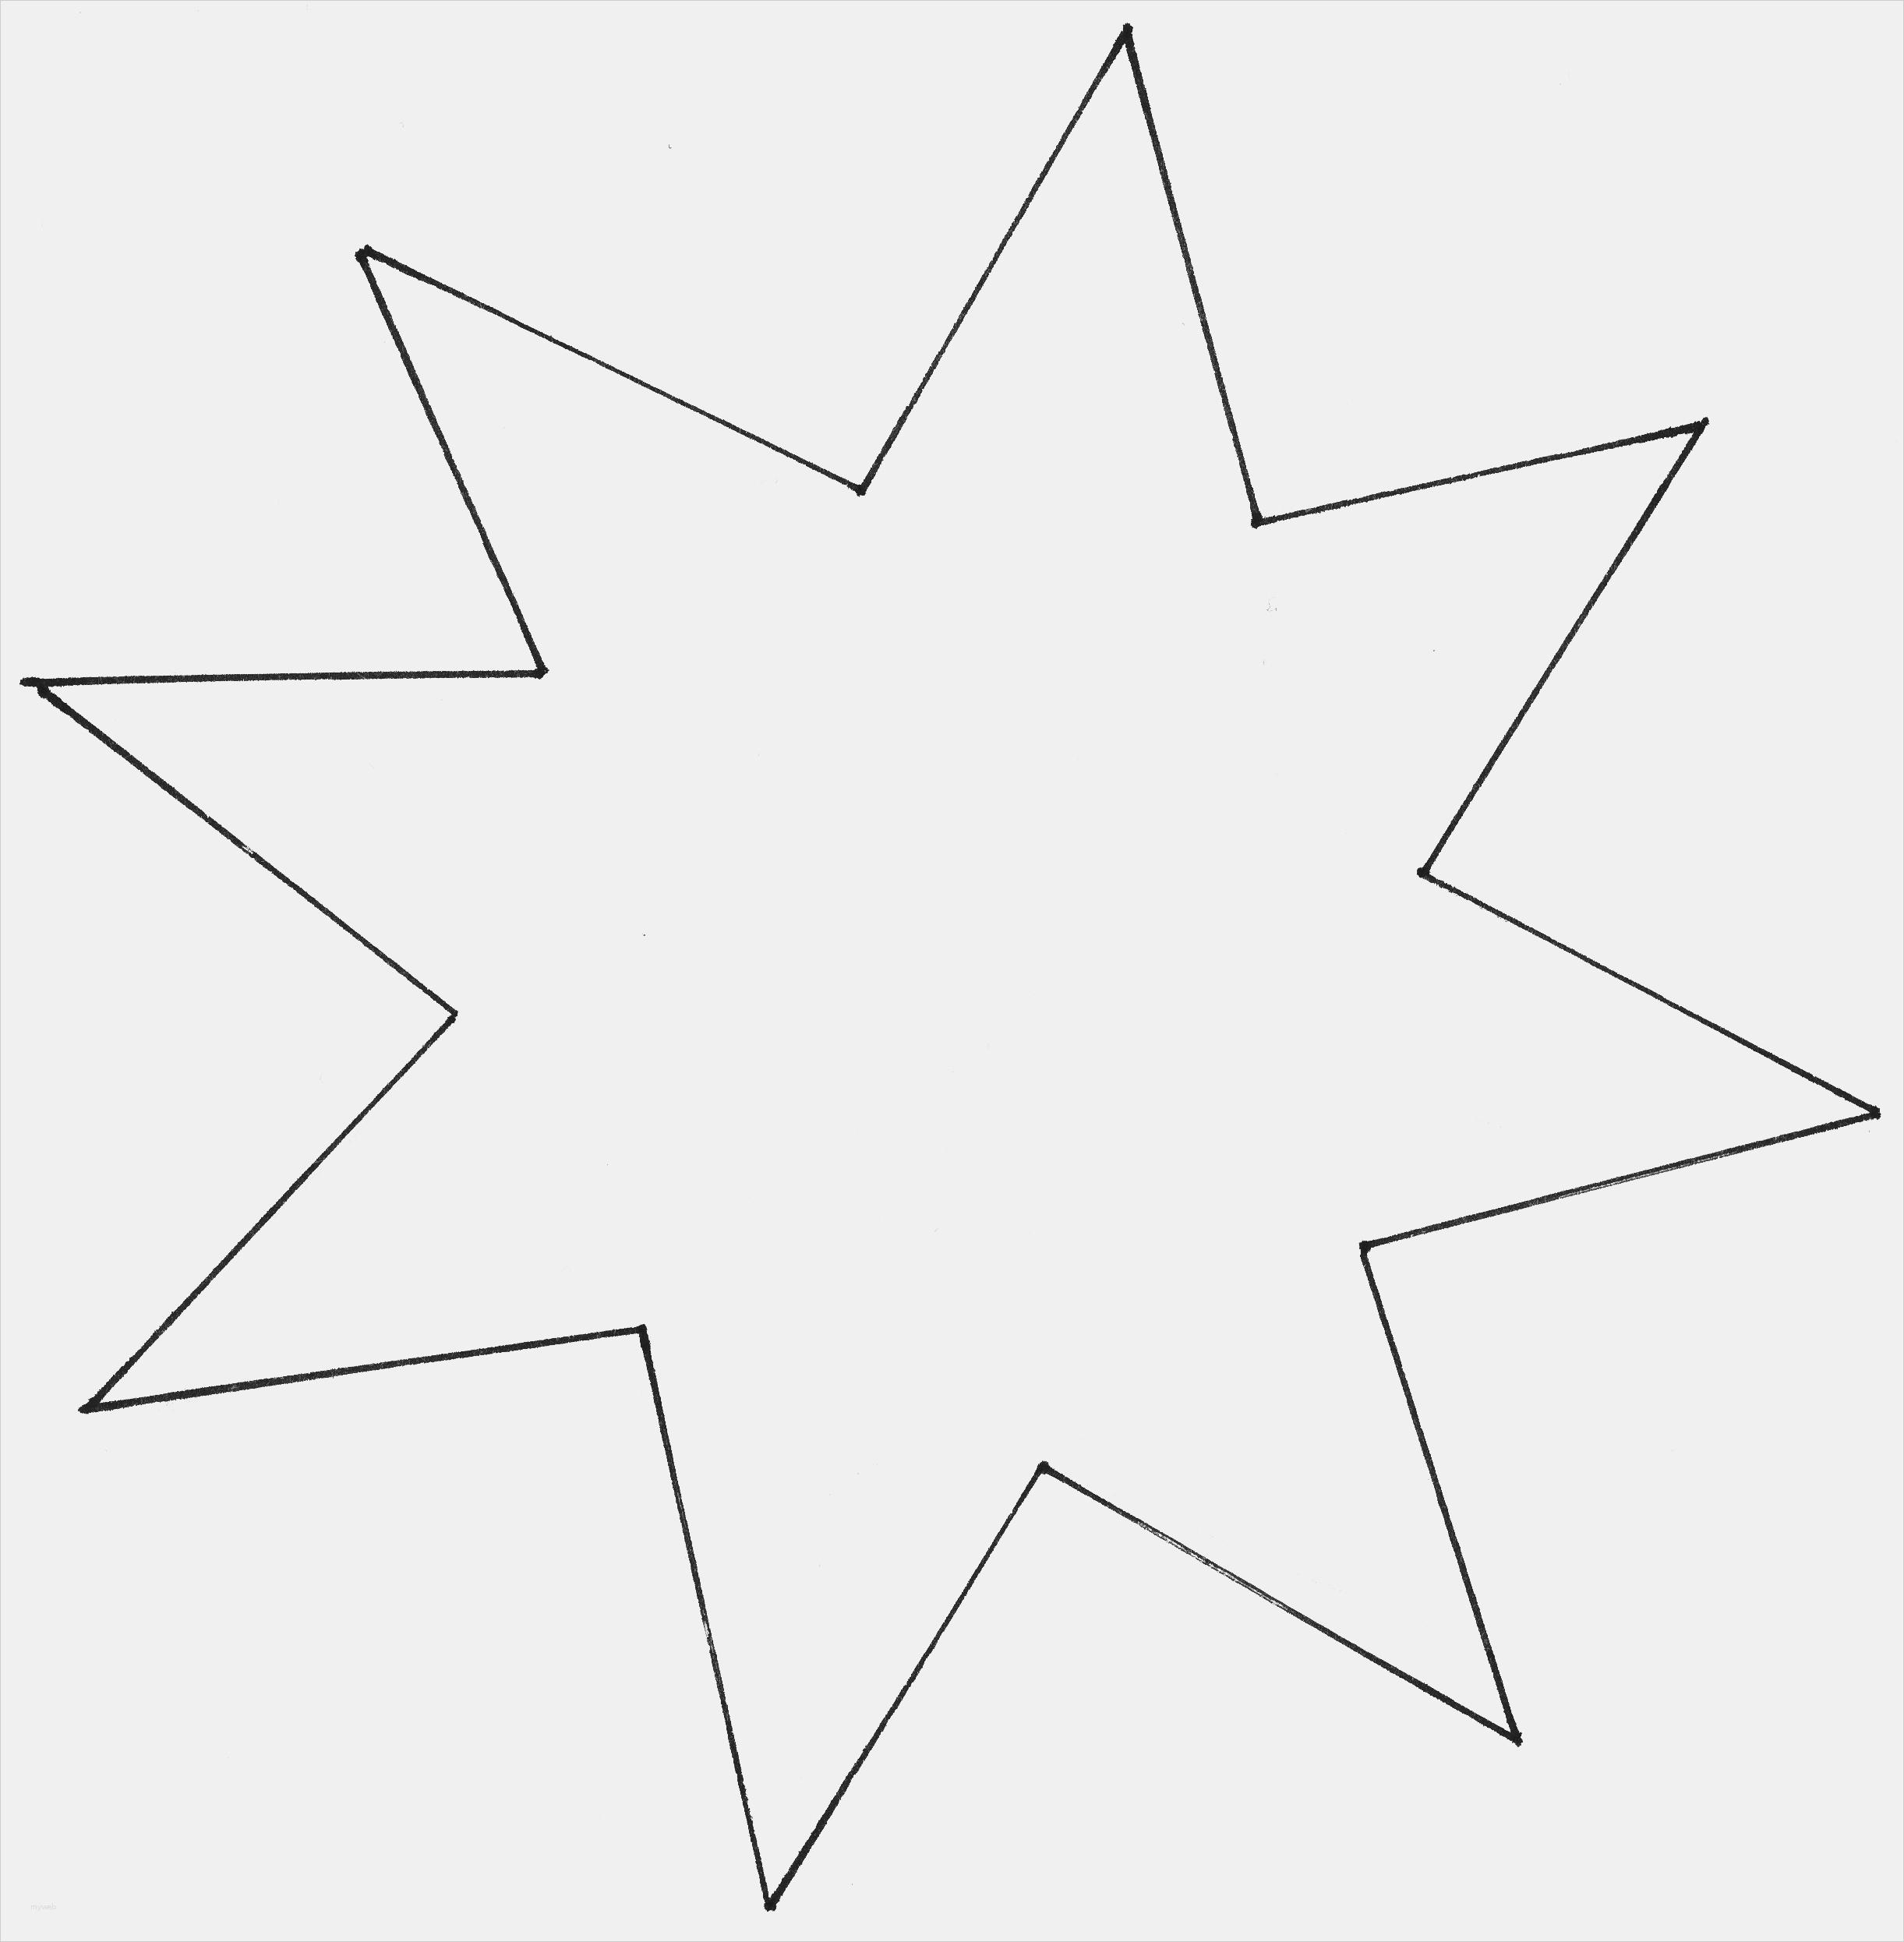 Ein Stern 5 Wie Malvorlage Wie | Coloring And Malvorlagan bestimmt für Stern Malvorlage Ausdrucken